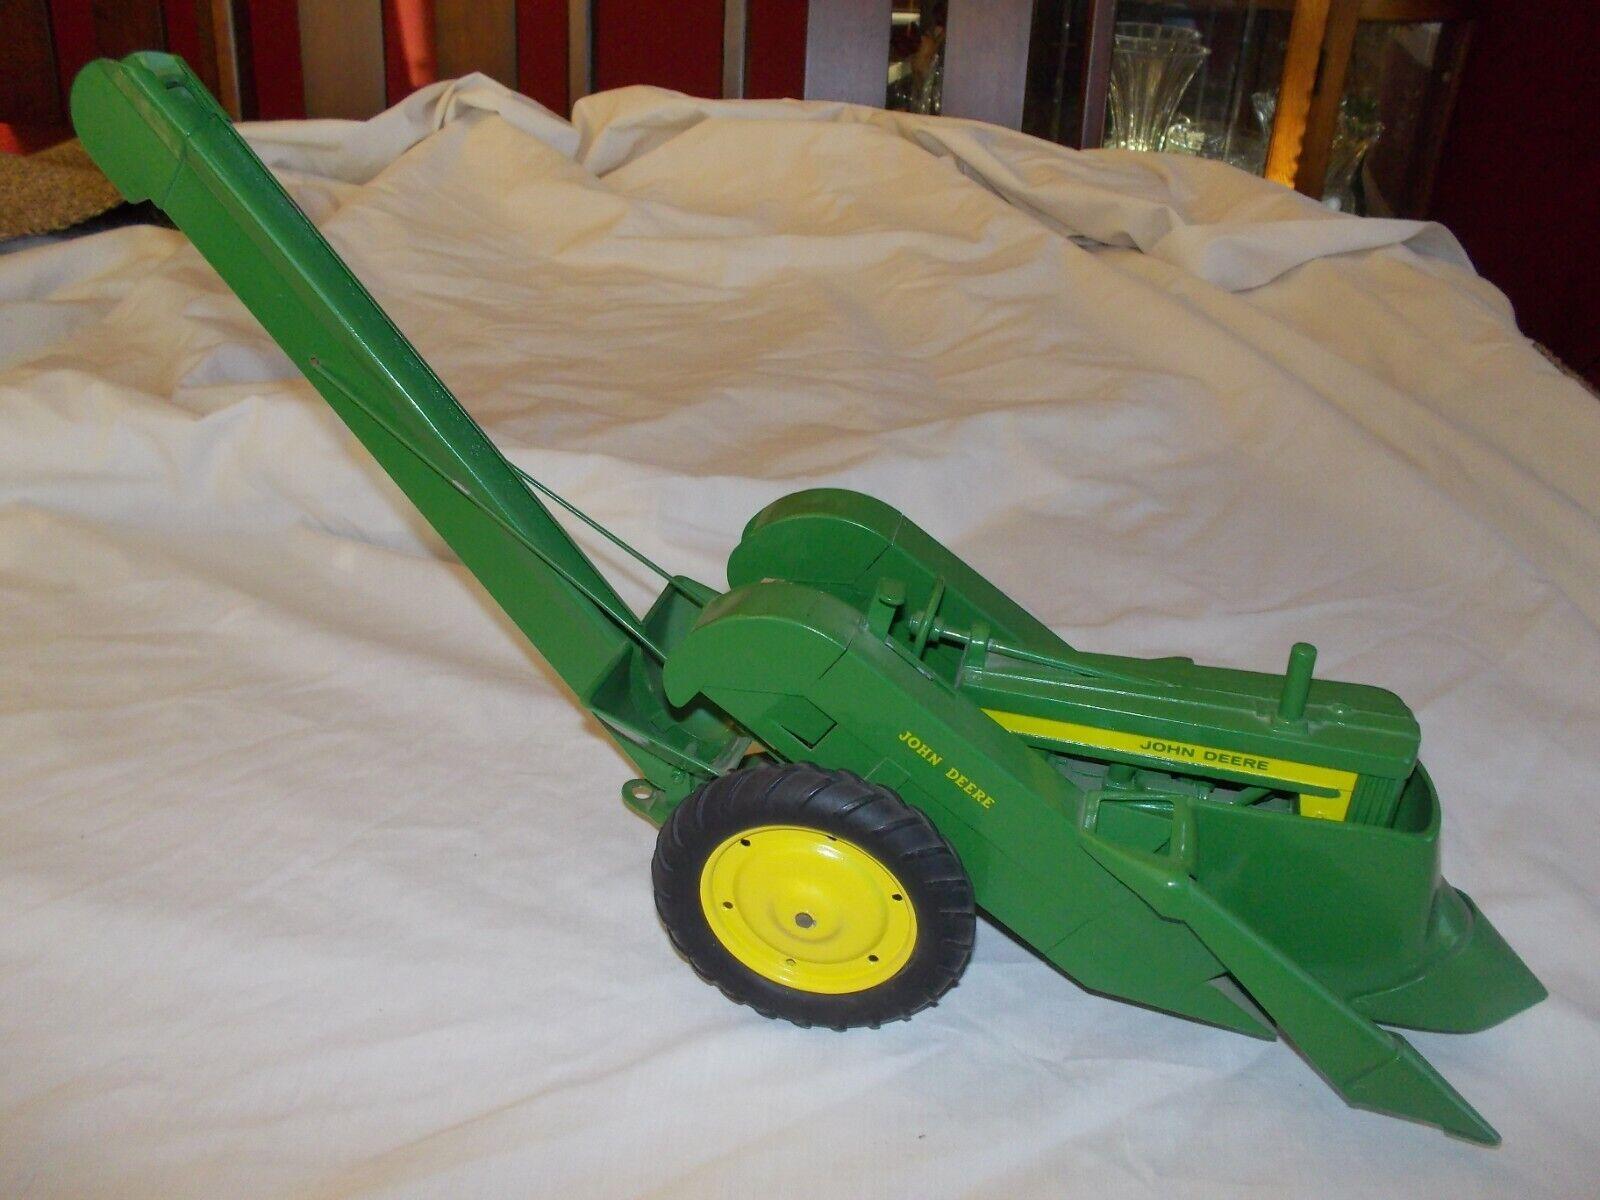 Restauración de juguetes de 1950 de Johann Deir 620520 720 tractores W   picanesa